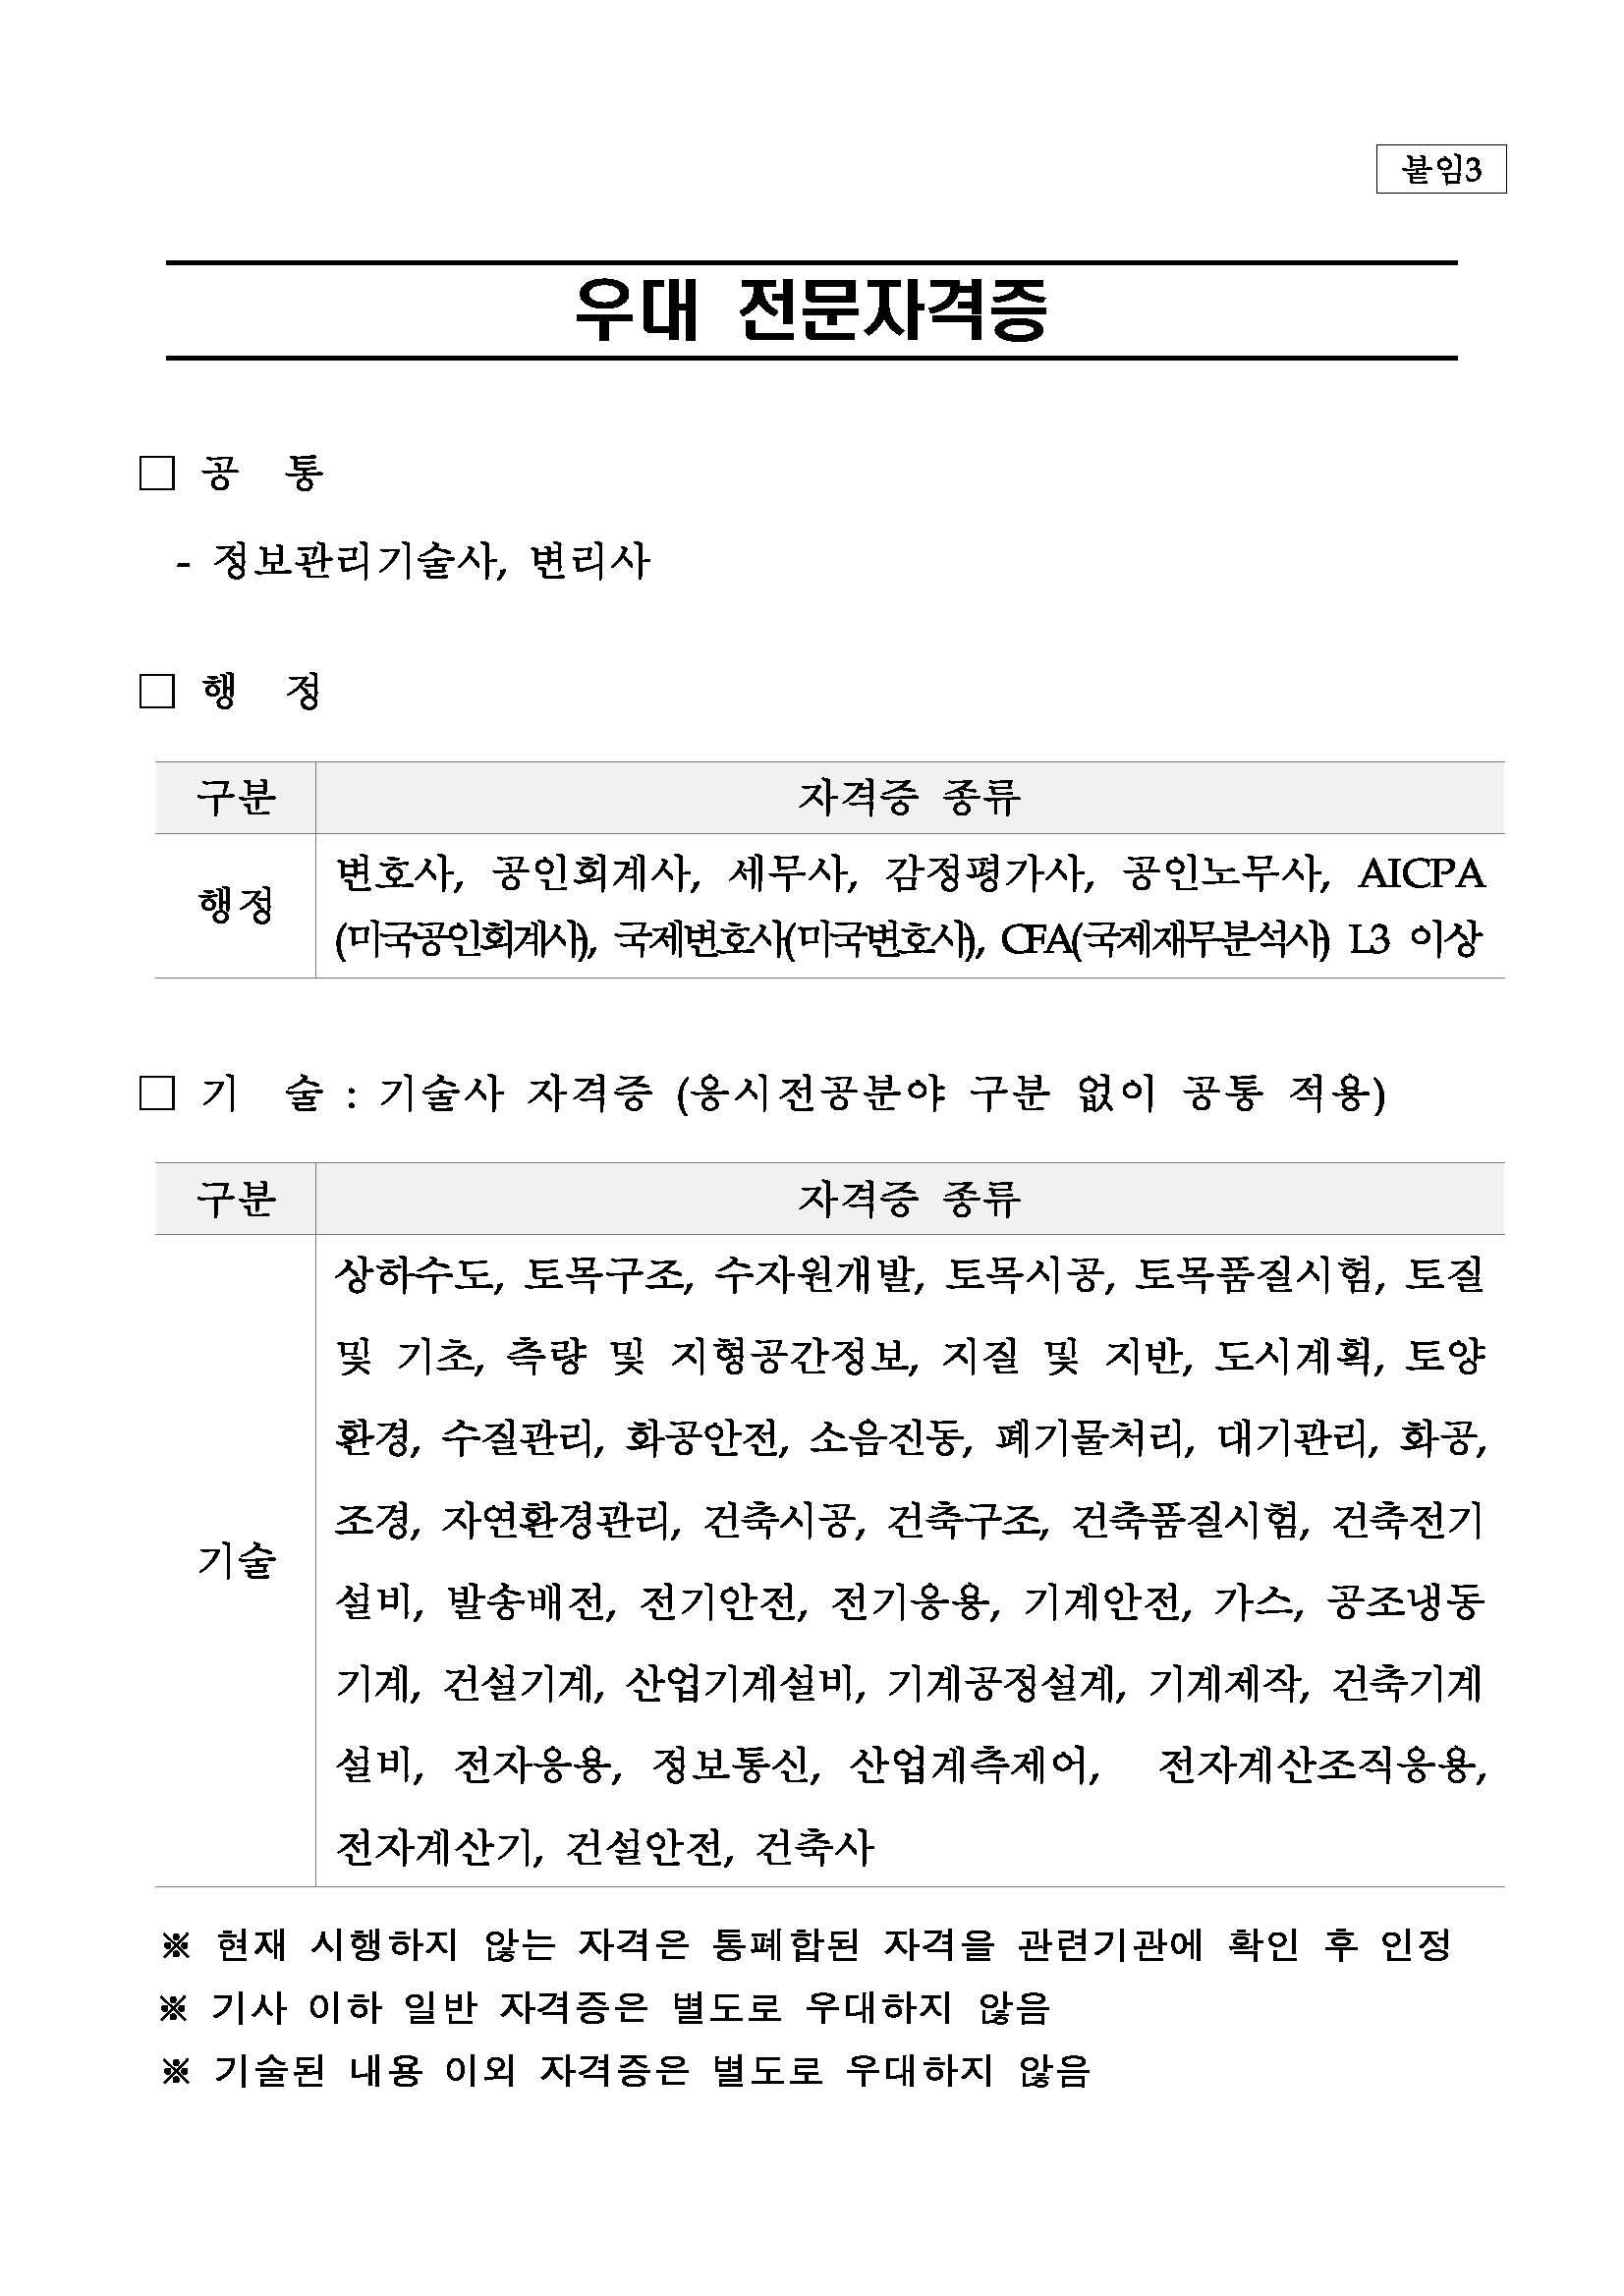 2017년 하반기 일반직 신입사원(채용형 인턴) 일반공채 공고문_페이지_14.jpg